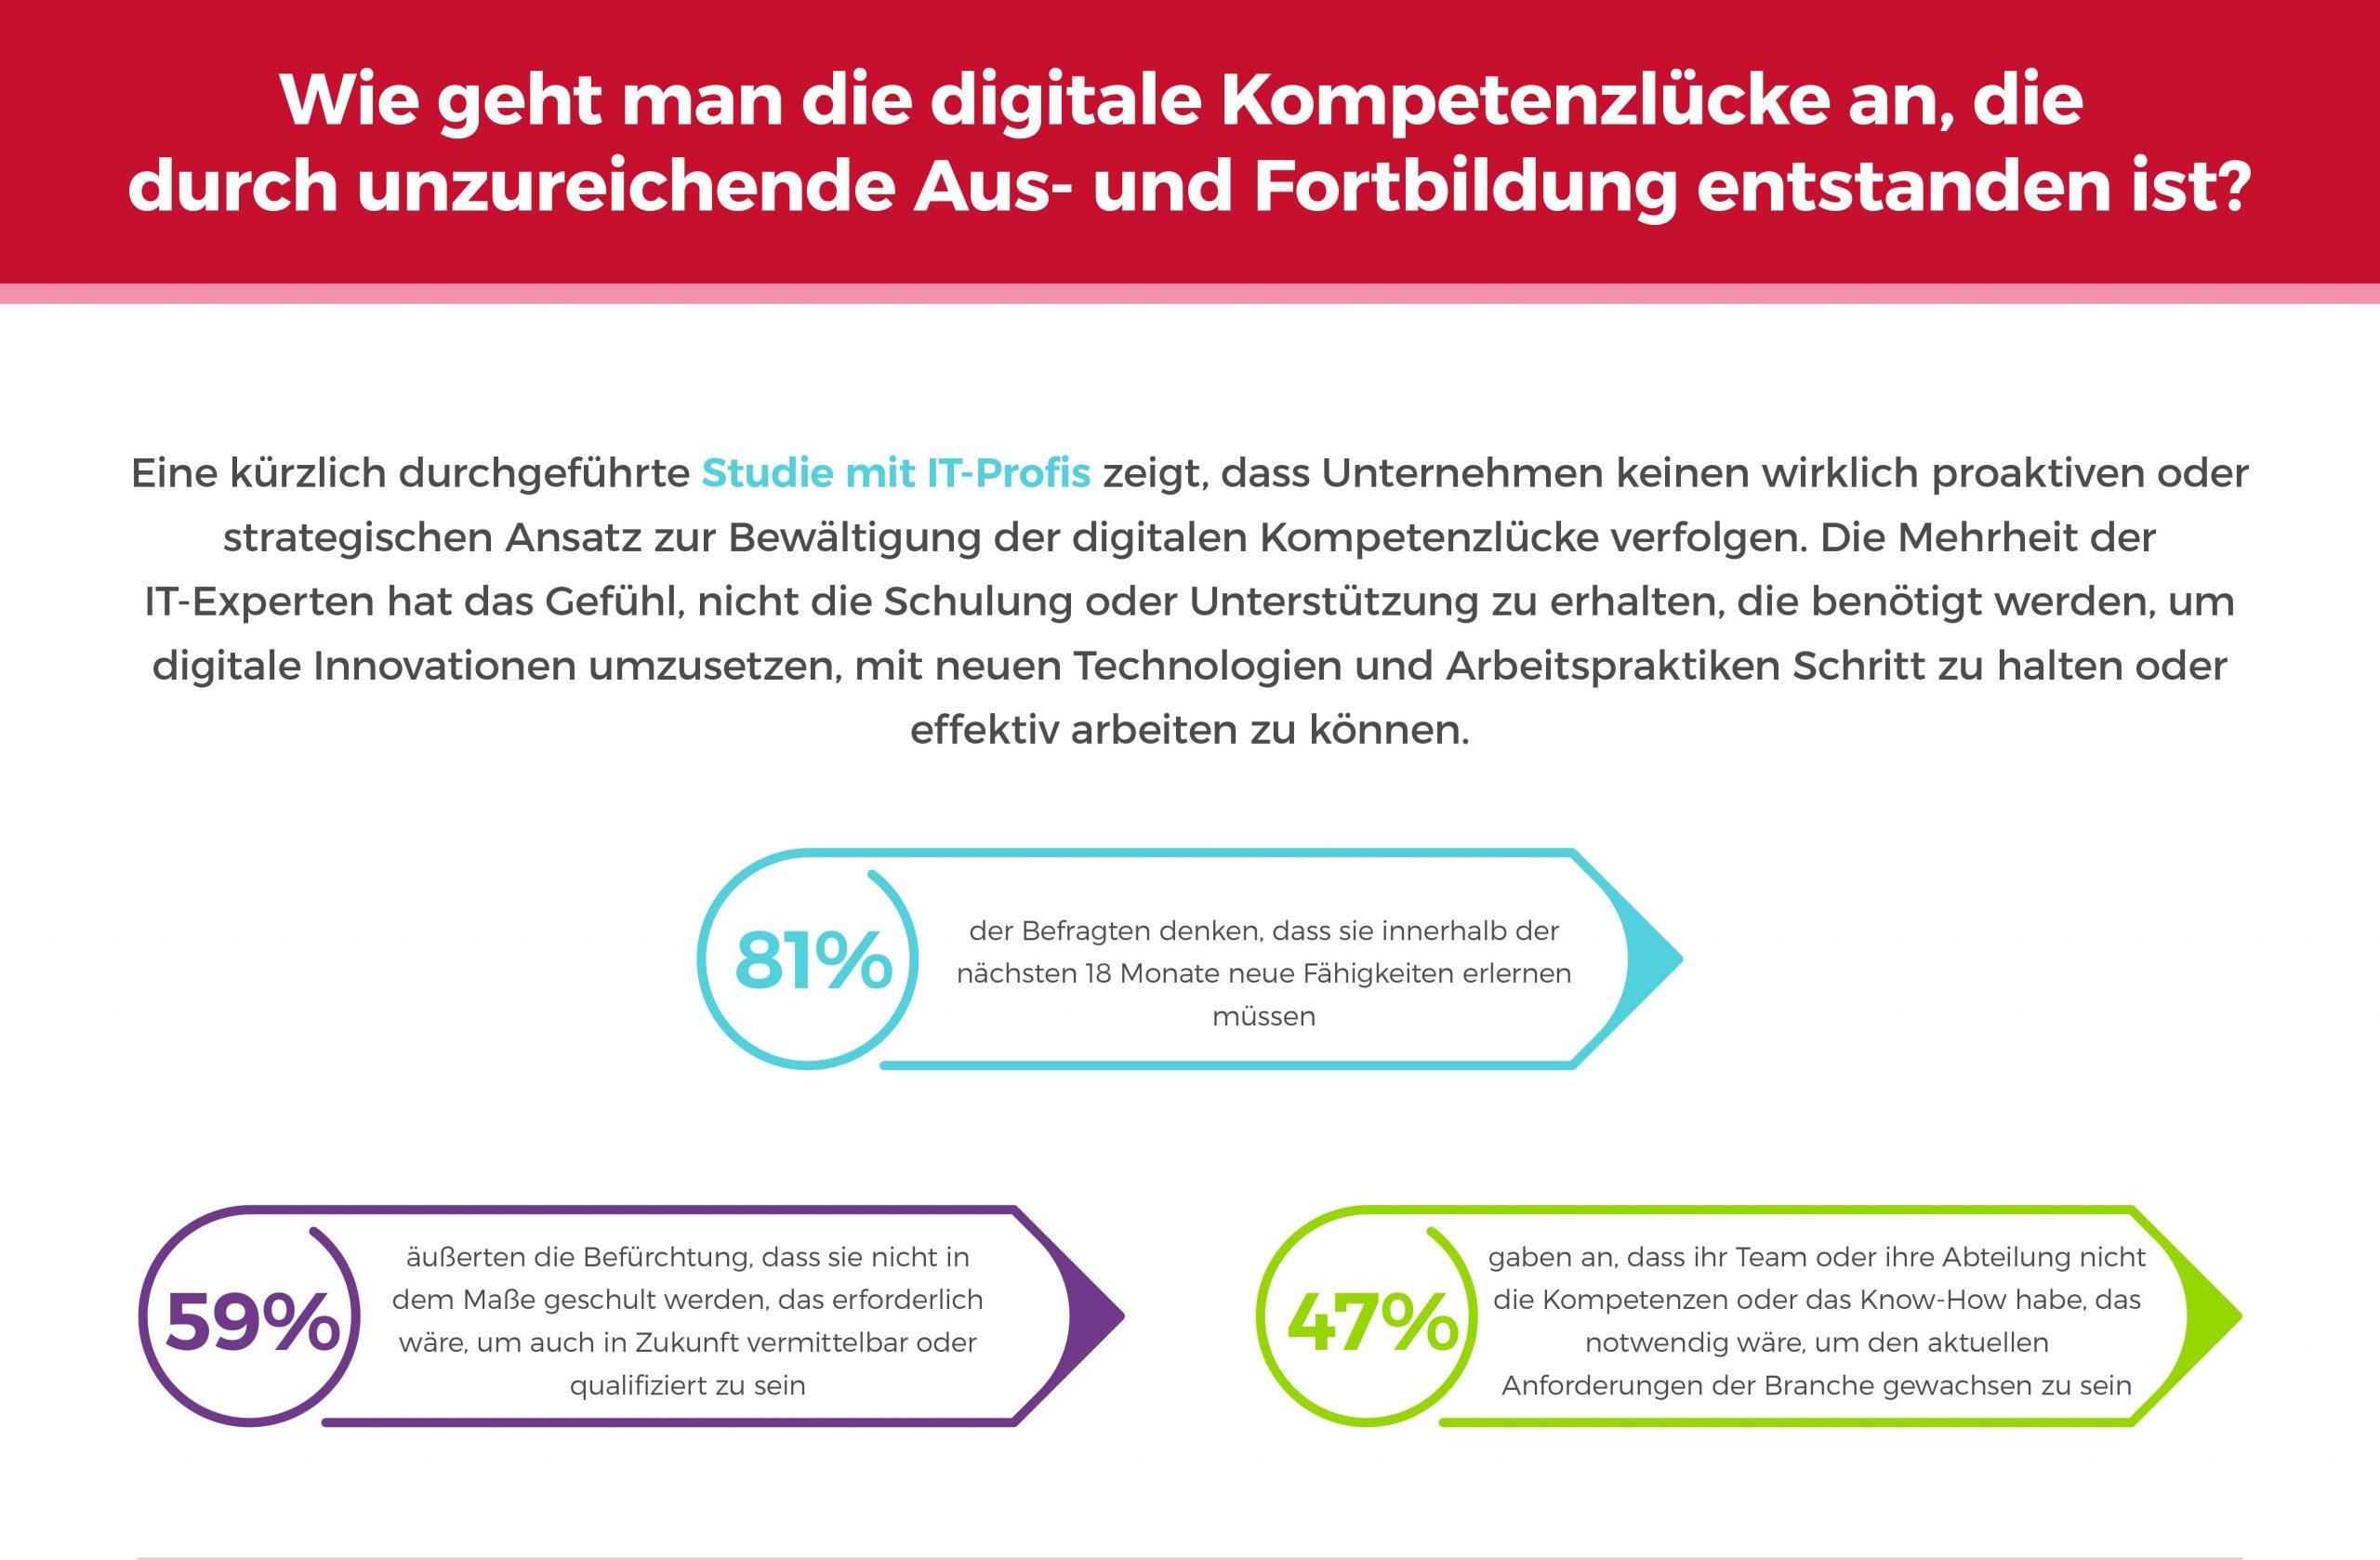 Die digitale Kompetenzlücke